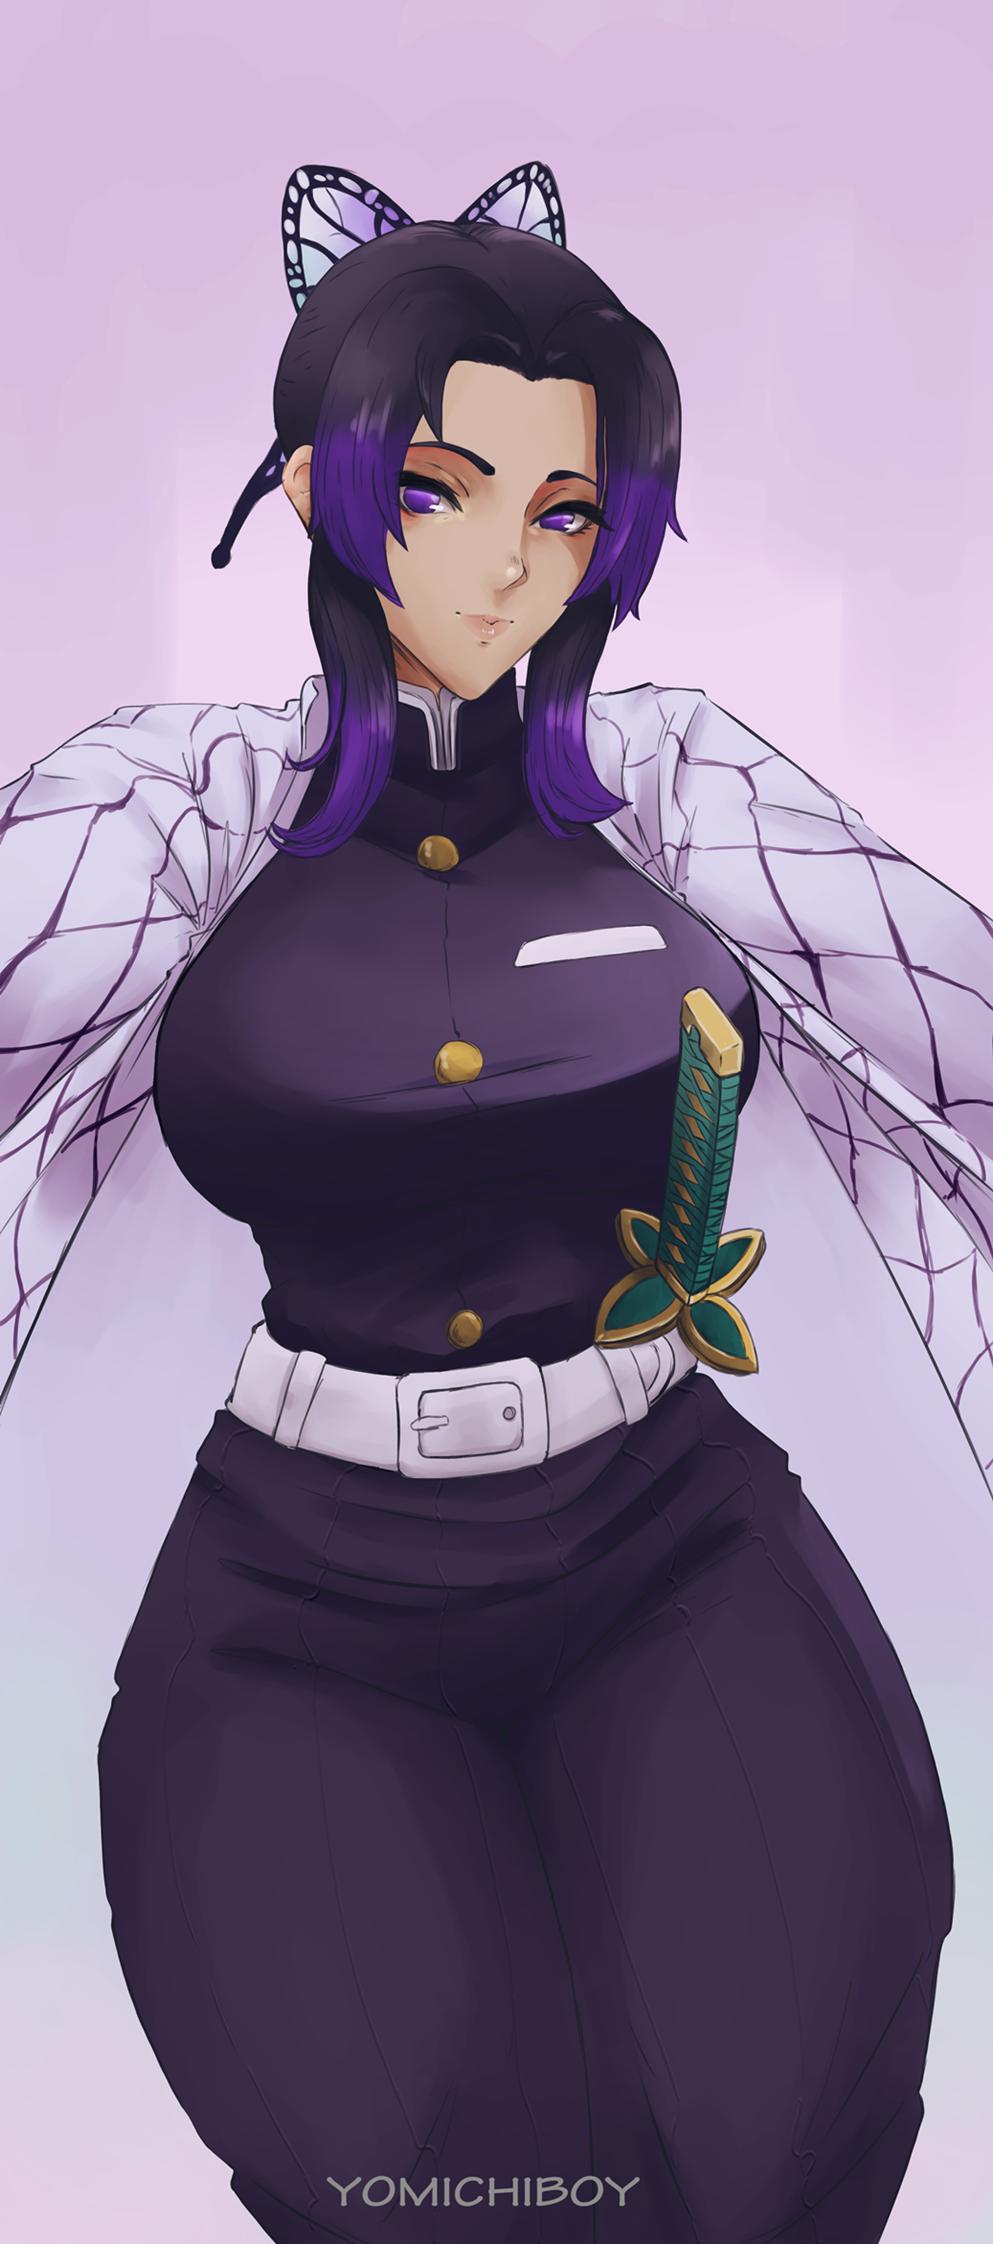 Shinobu Kochou (Demon Slayer)